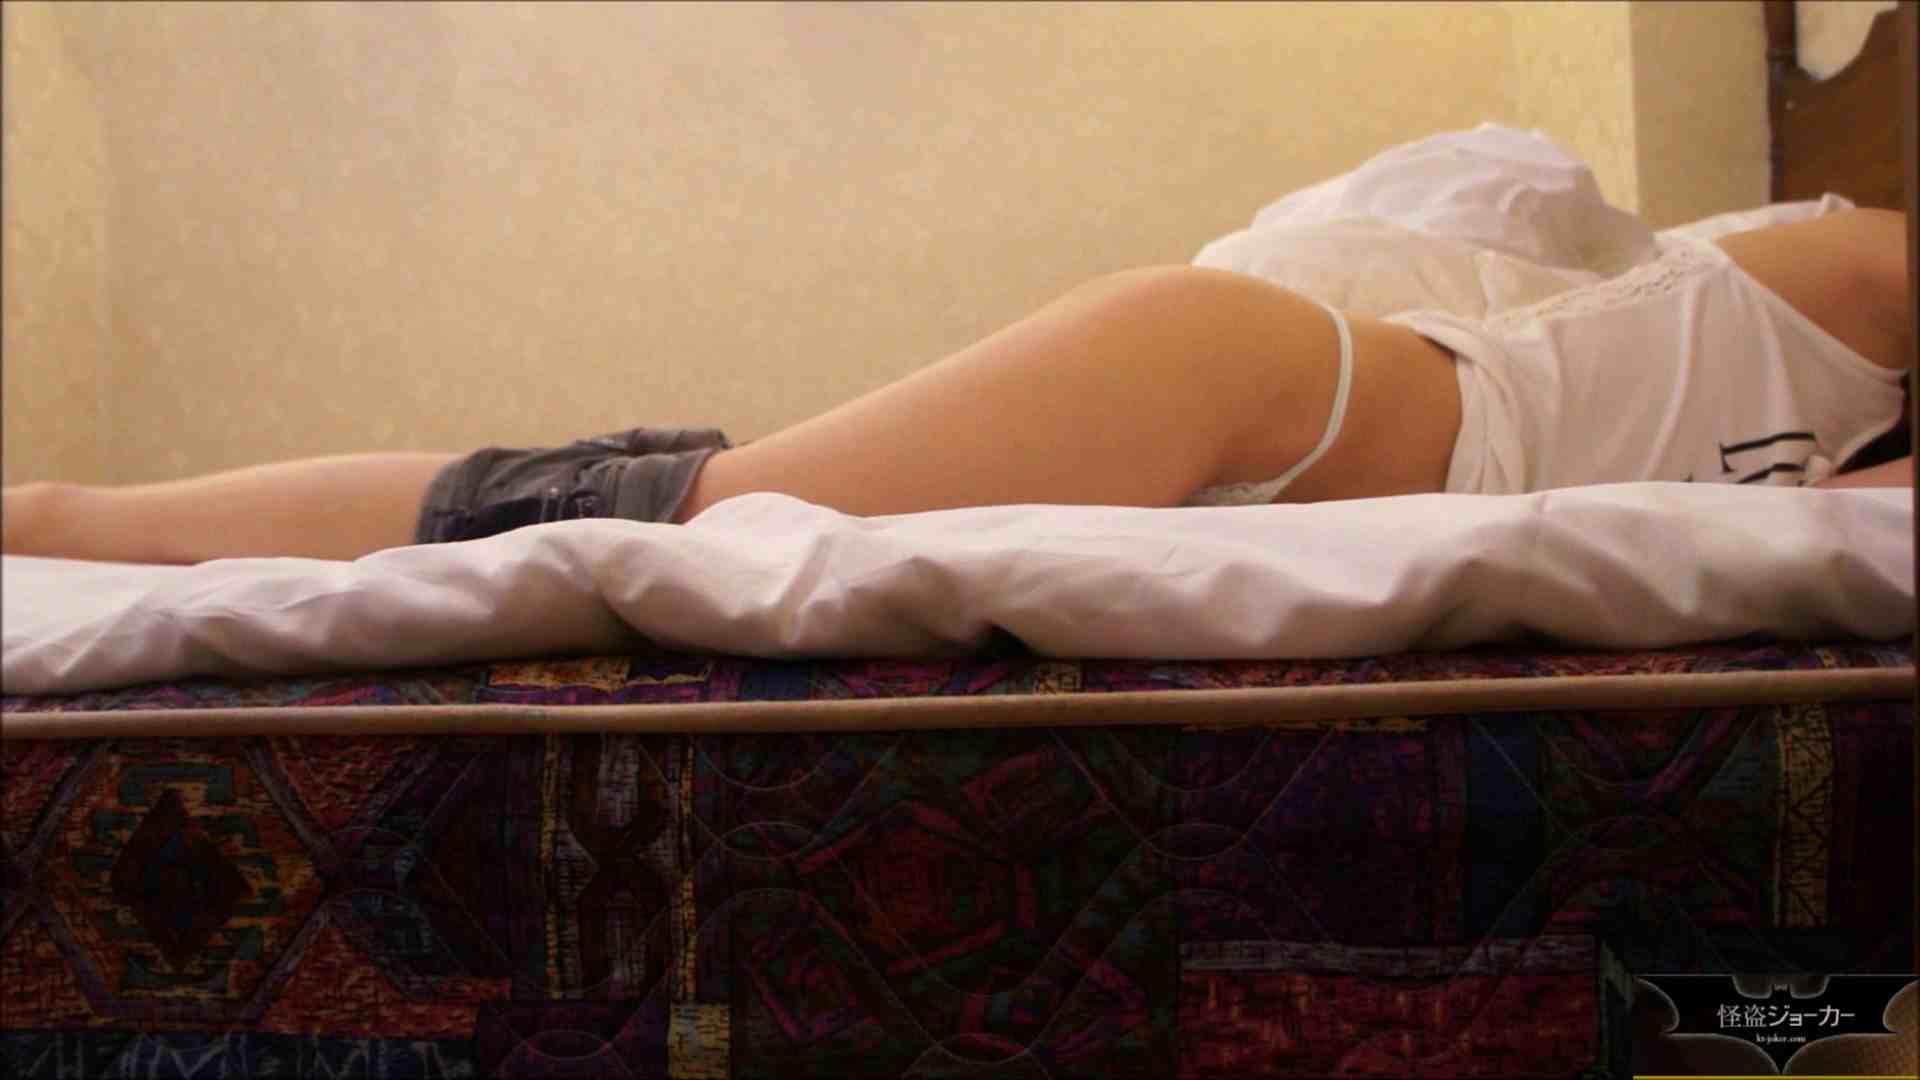 【未公開】vol.11 【美人若妻】早苗さん・・・誘われた夜。 美乳 AV無料動画キャプチャ 99枚 82